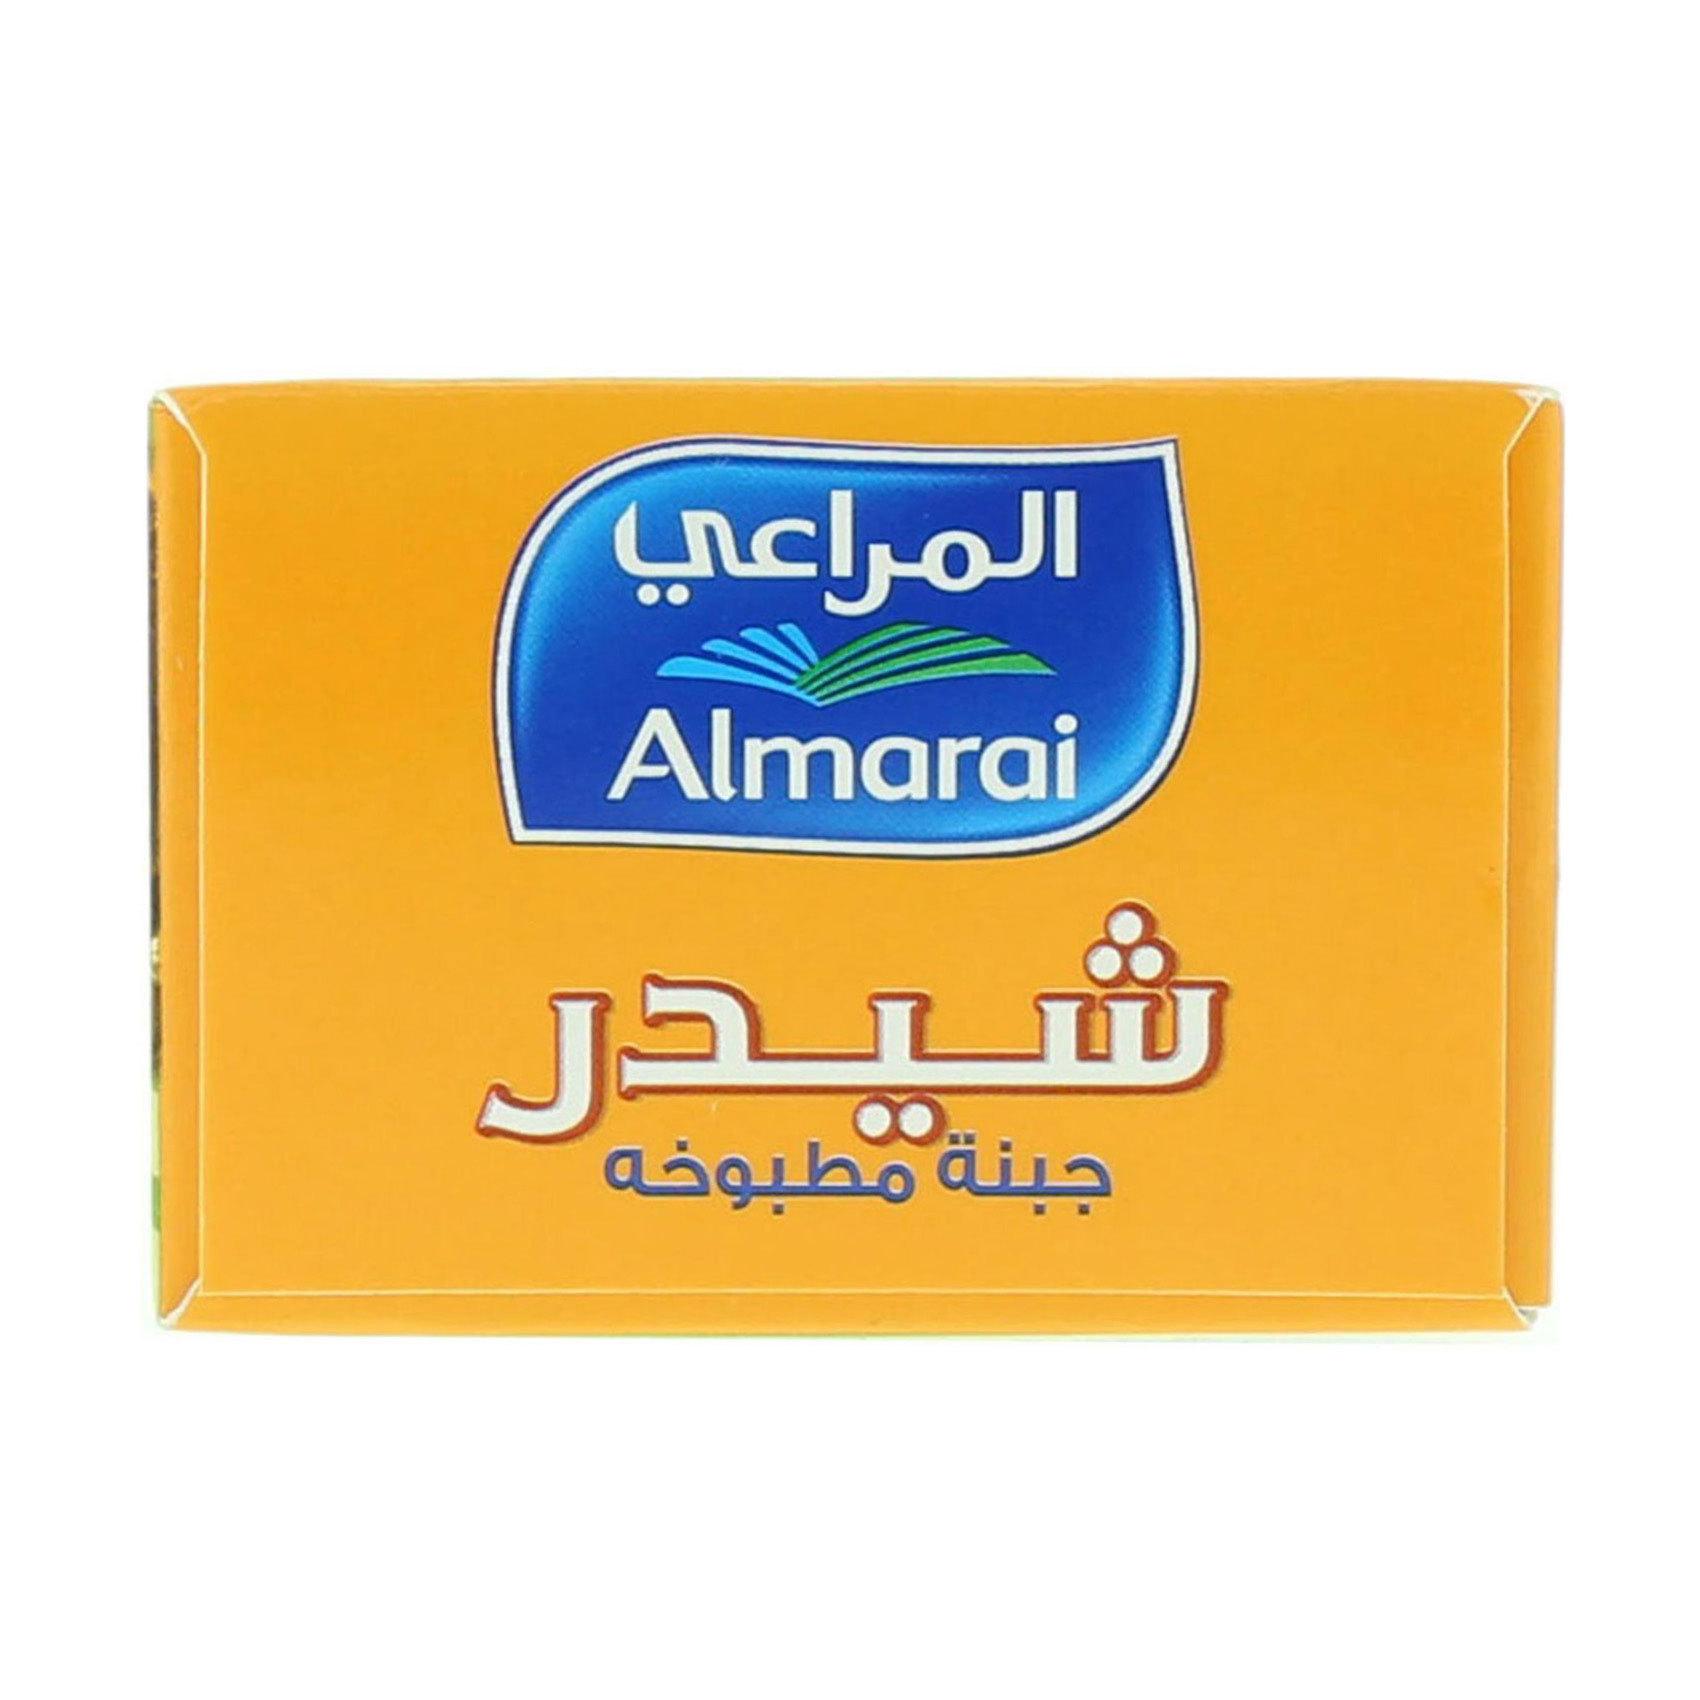 AL MARAI CHEDDAR BLOCK LF 454G